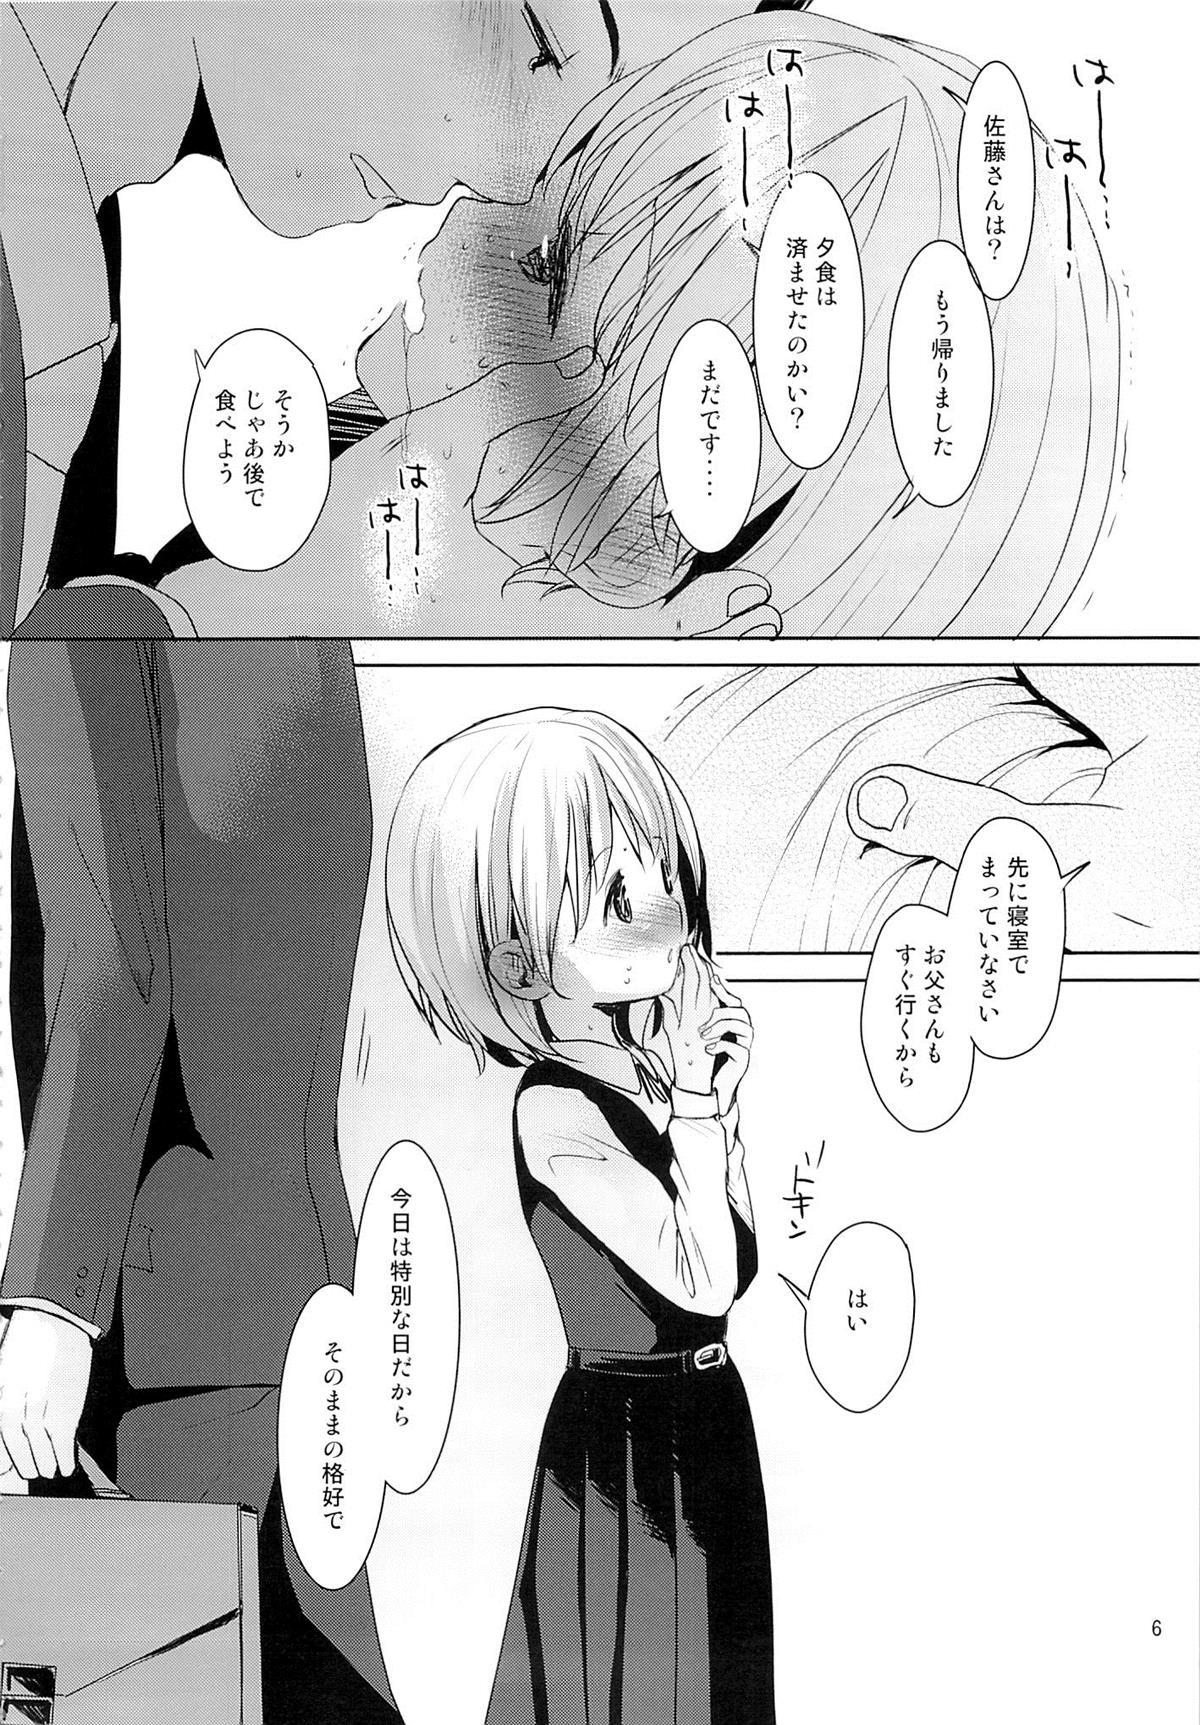 【エロ漫画・エロ同人】妻を亡くした男がロリJSの娘調教してるw入念にマンコほぐして身体開発して近親相姦セックスしてるwww 娘の制服 (5)